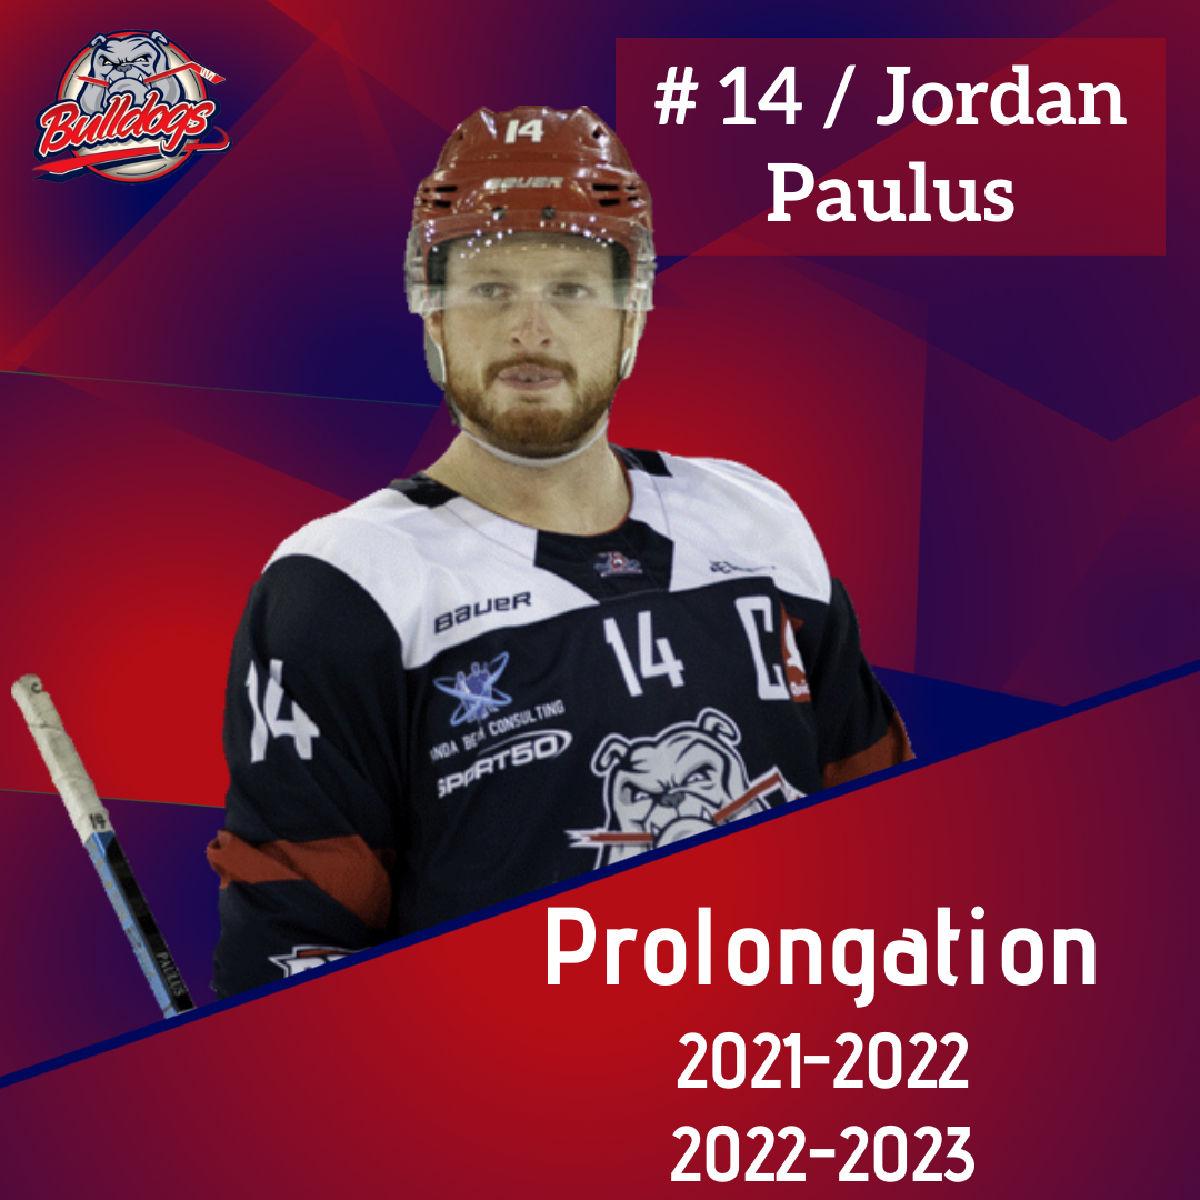 Prolongation pour Jordan Paulus jusqu'en 2023